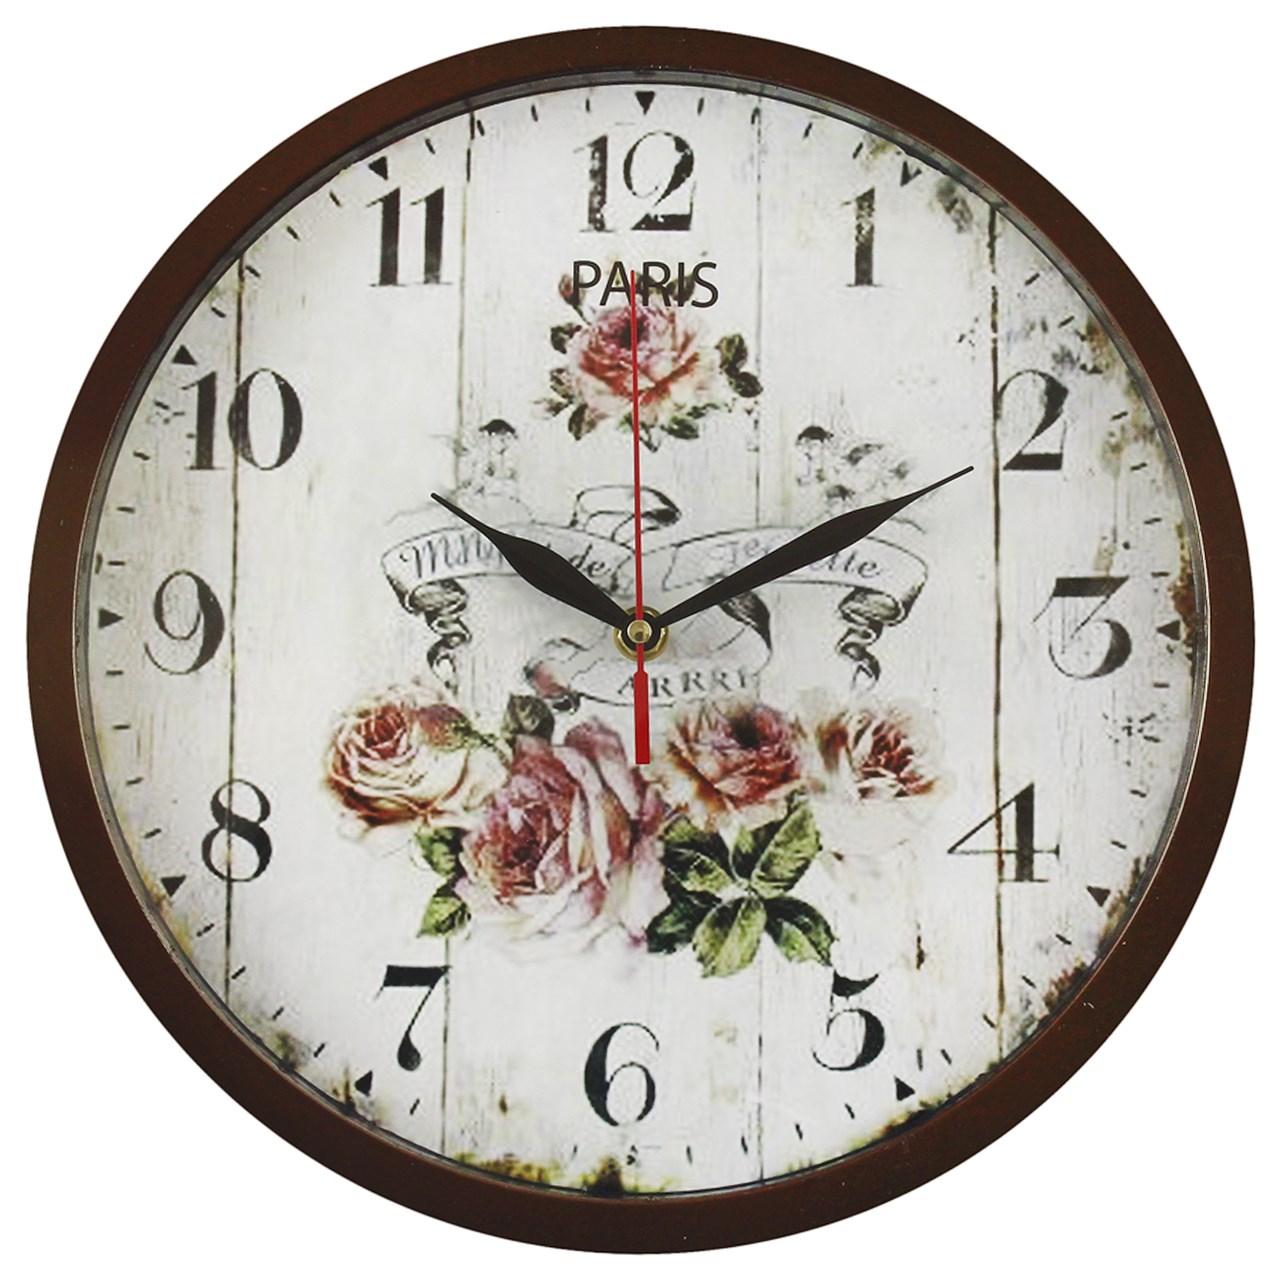 ساعت دیواری شیانچی طرحflower  کد 10010058